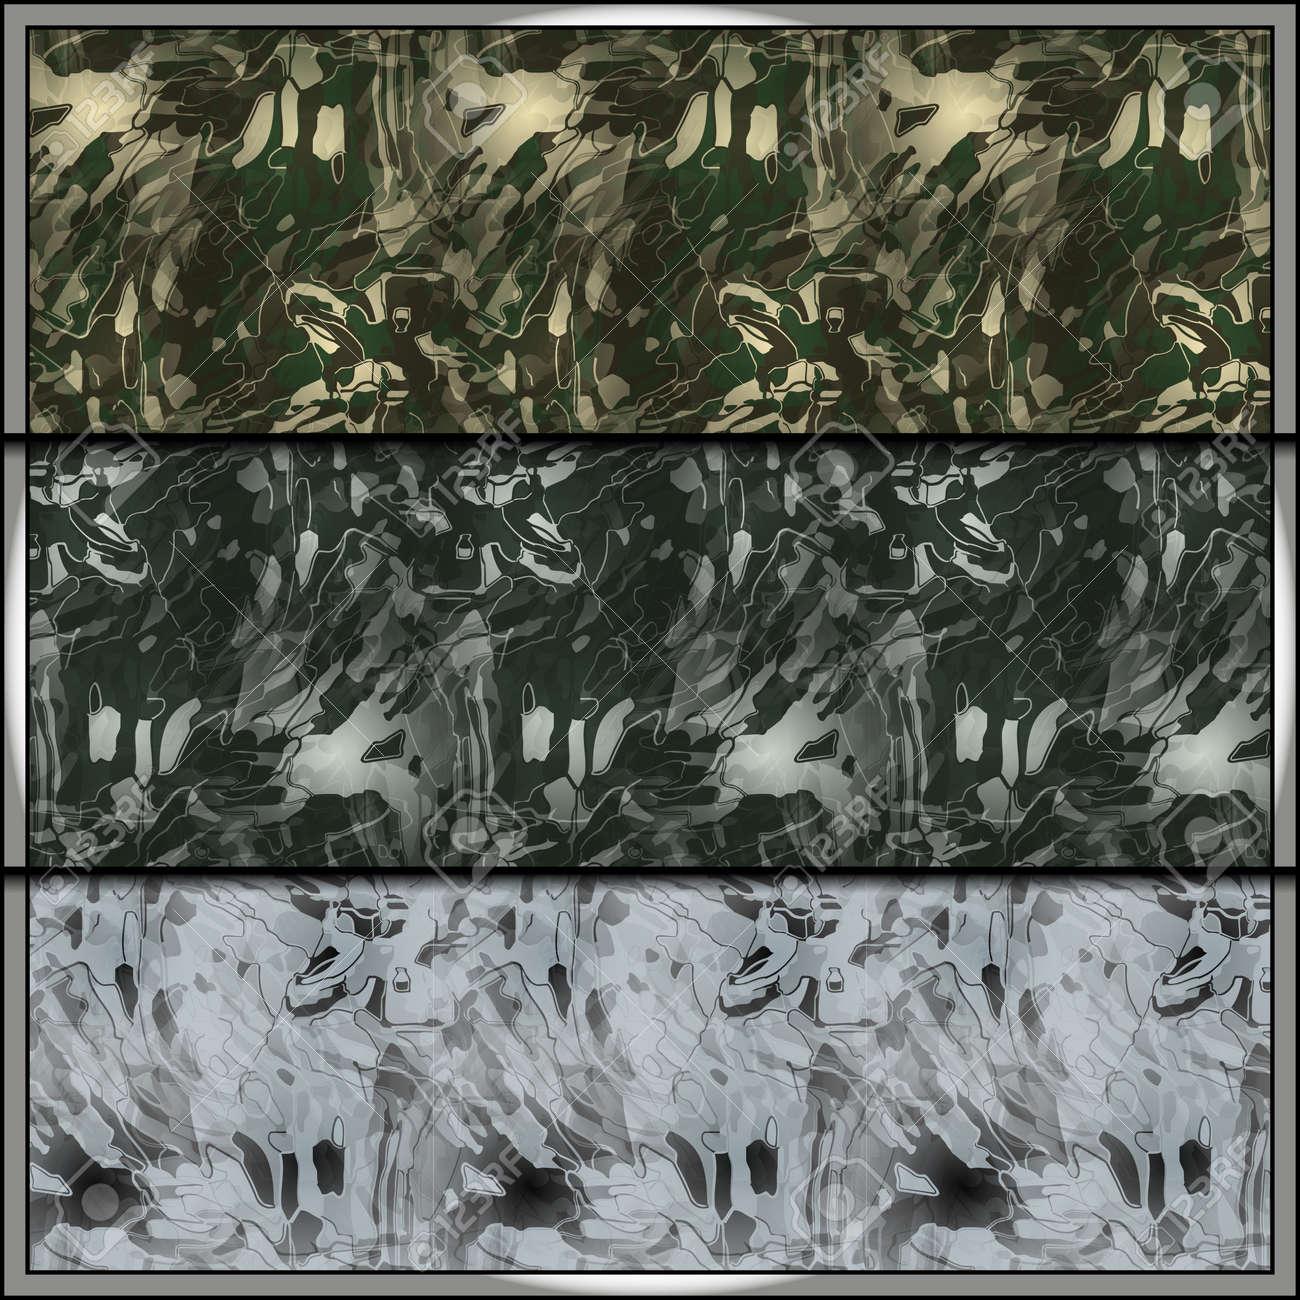 Set Moderne Tarnung Fliesen Mit Einheitliche Muster Für Alle Jahreszeiten.  Nahtlose Hintergrund Fliesen Für Militärische